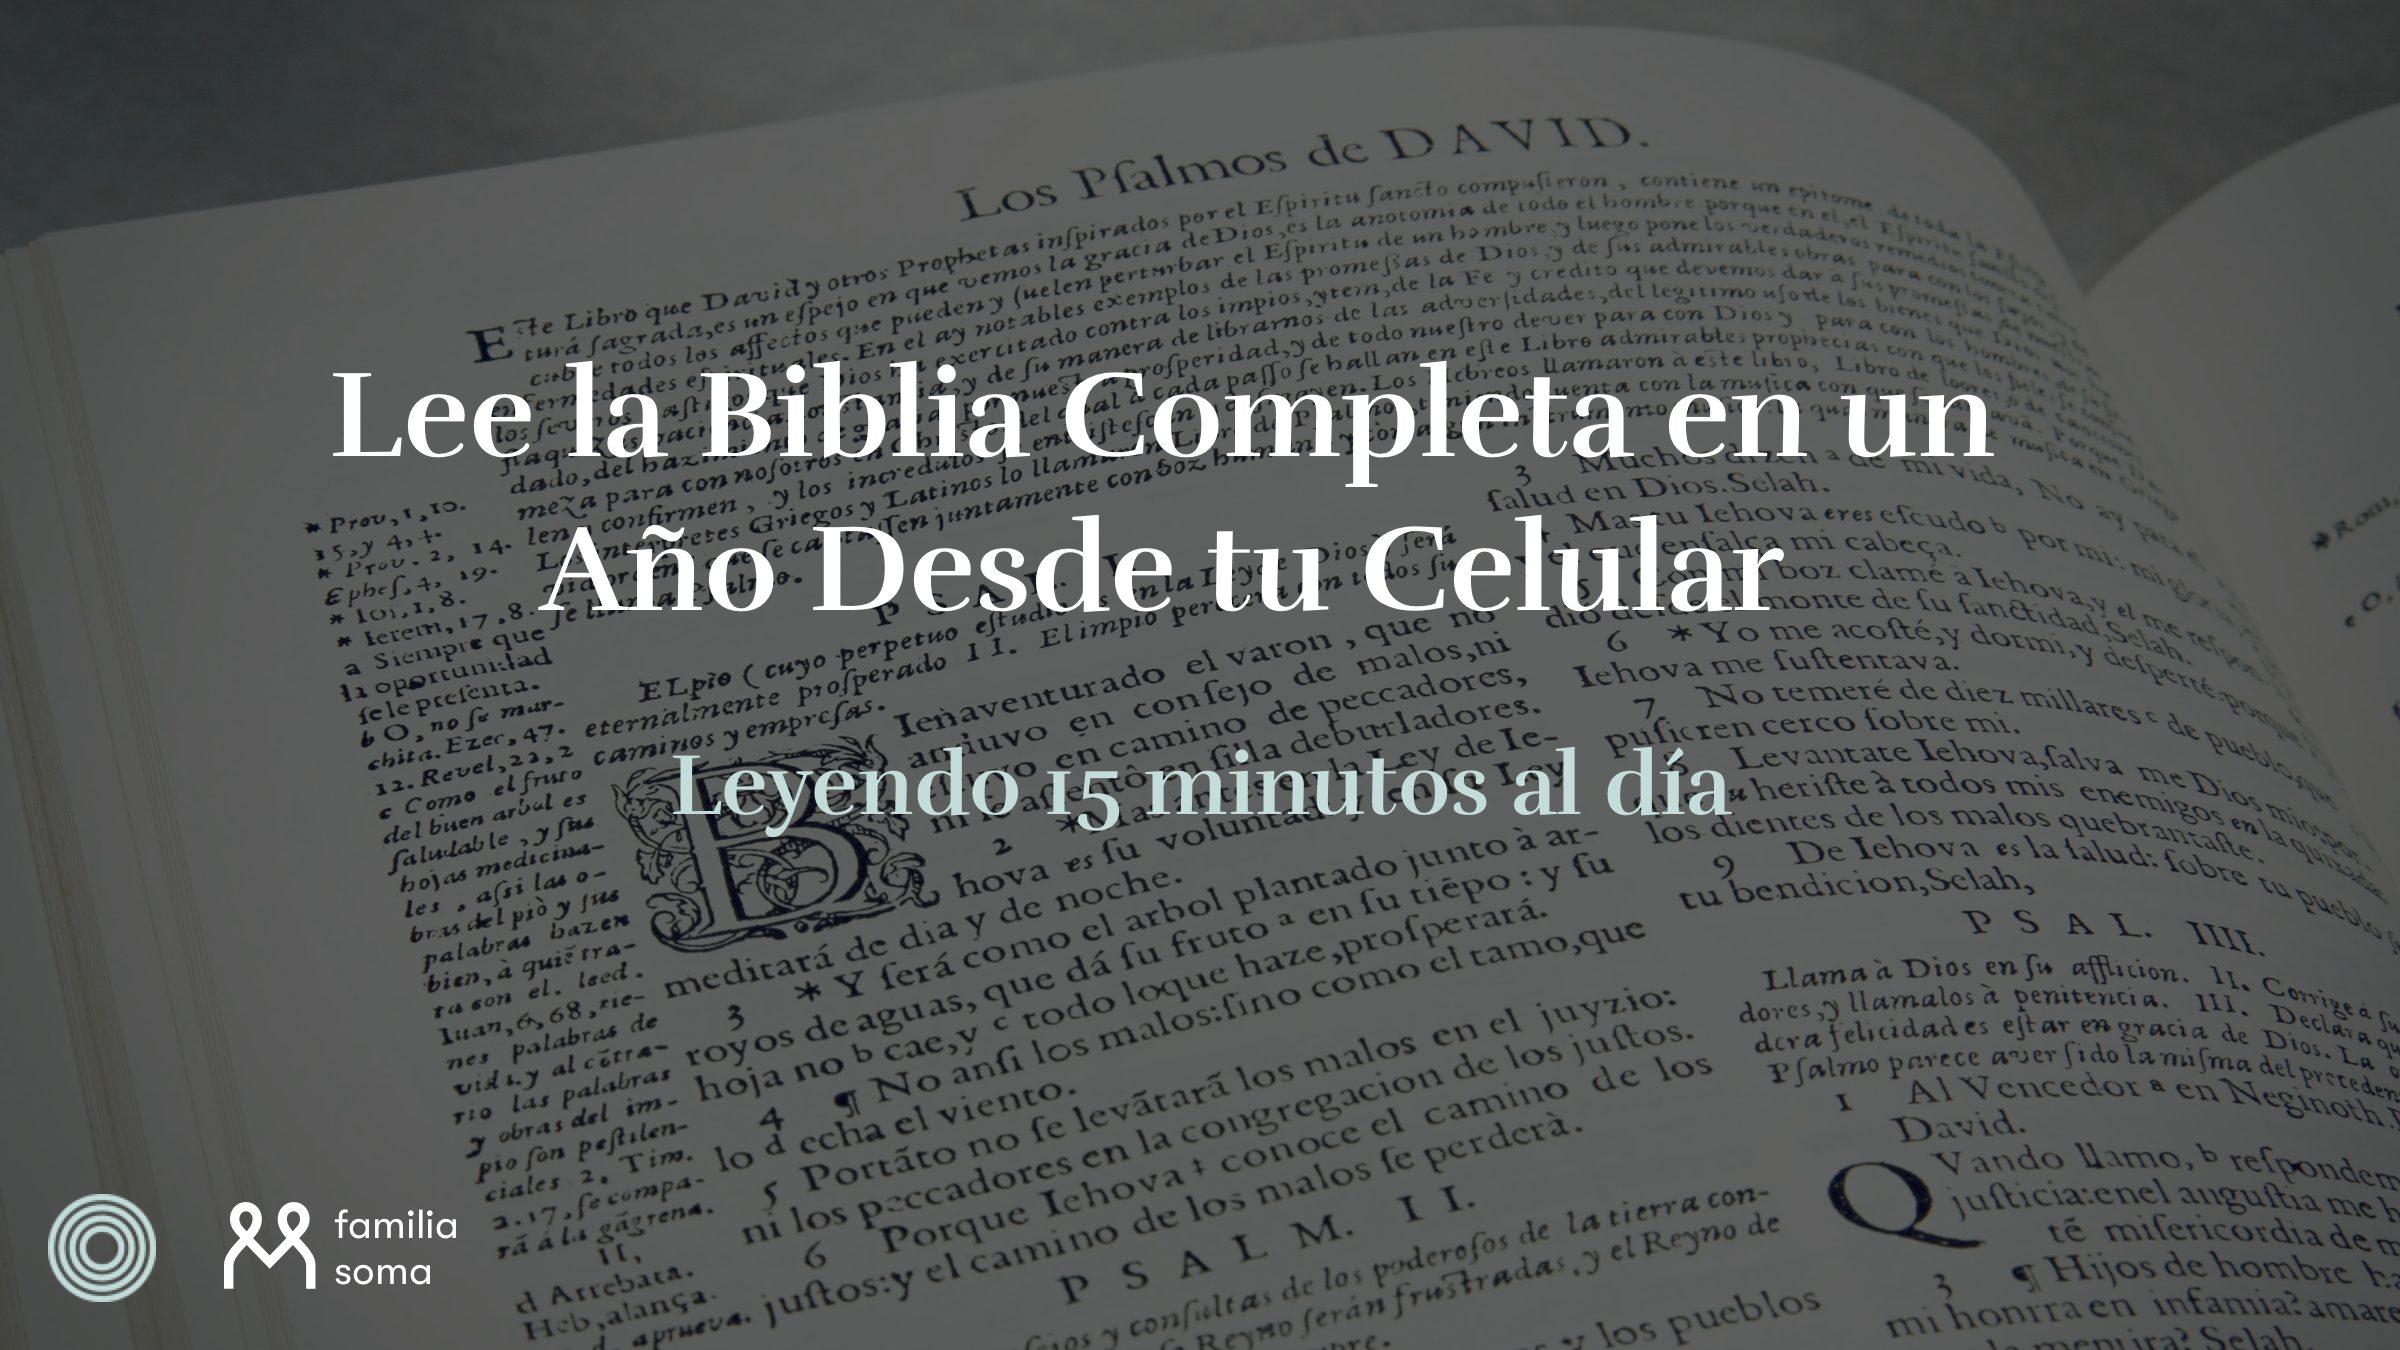 Lee La Biblia Completa